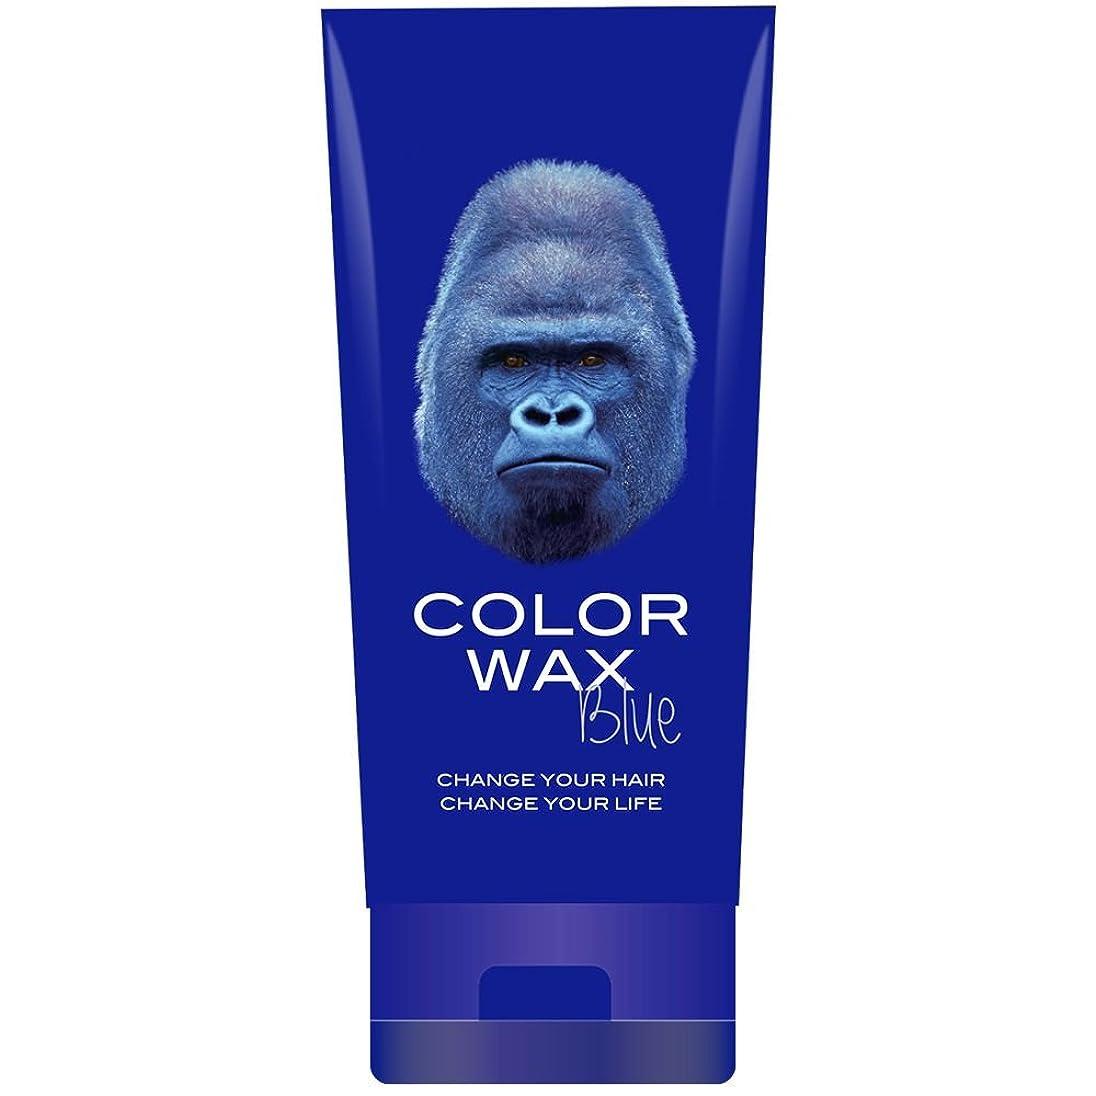 談話宿泊施設有用Pure Smile(ピュアスマイル) ヘアカラーワックス『MOTE WAX/モテワックス』(BLUE/ブルー)《無香料》《エタノールフリー》